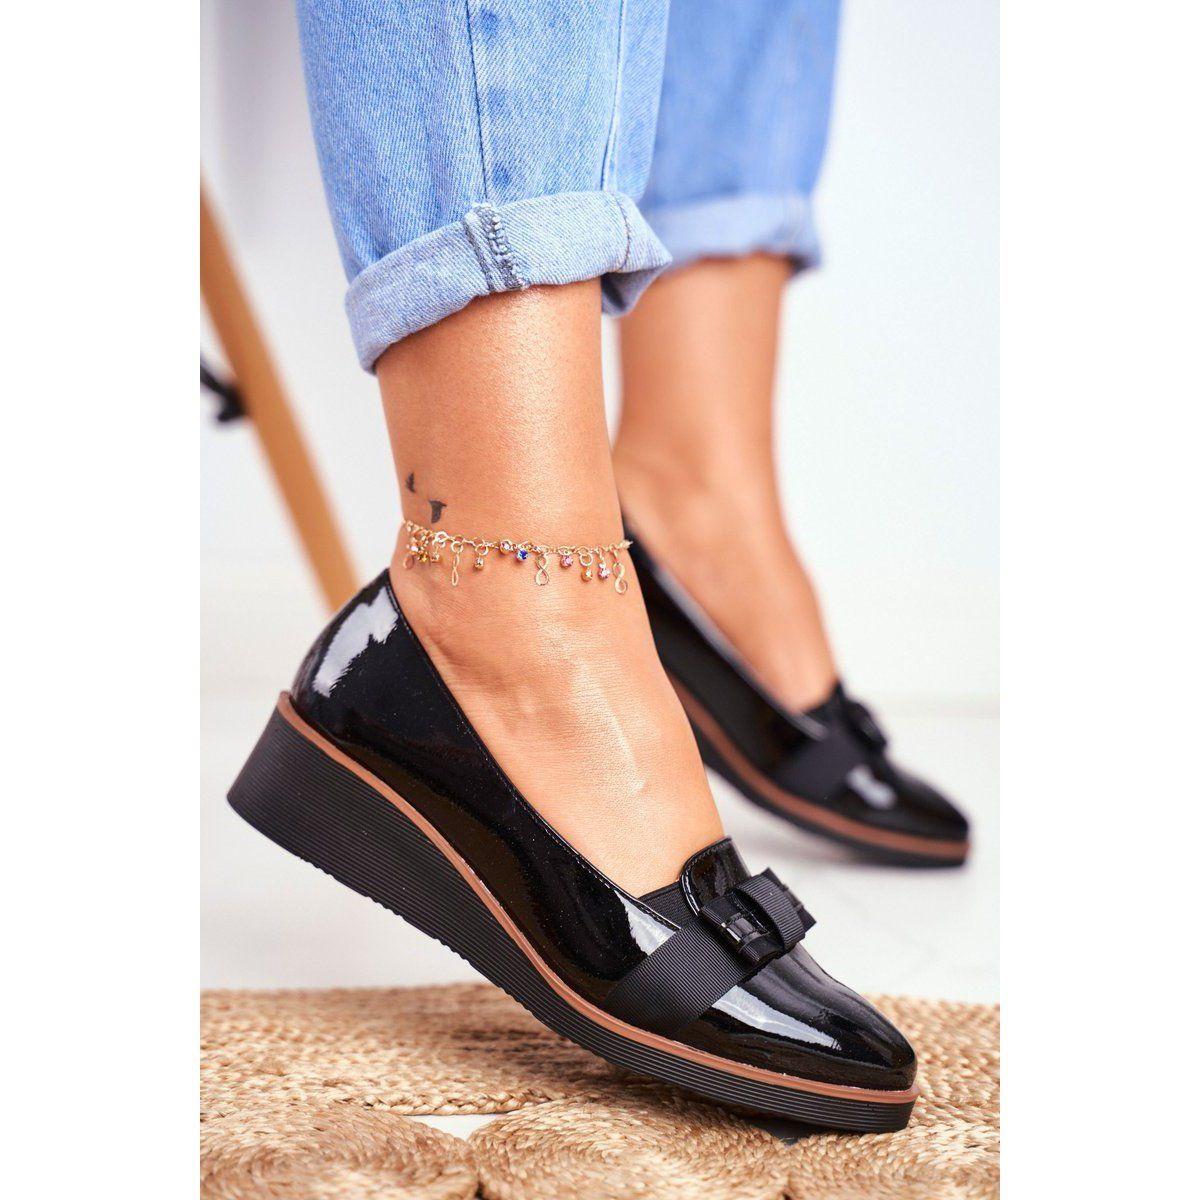 Vinceza Damskie Polbuty Na Koturnie Lakierowane Czarne Milona Heels Kitten Heels Shoes